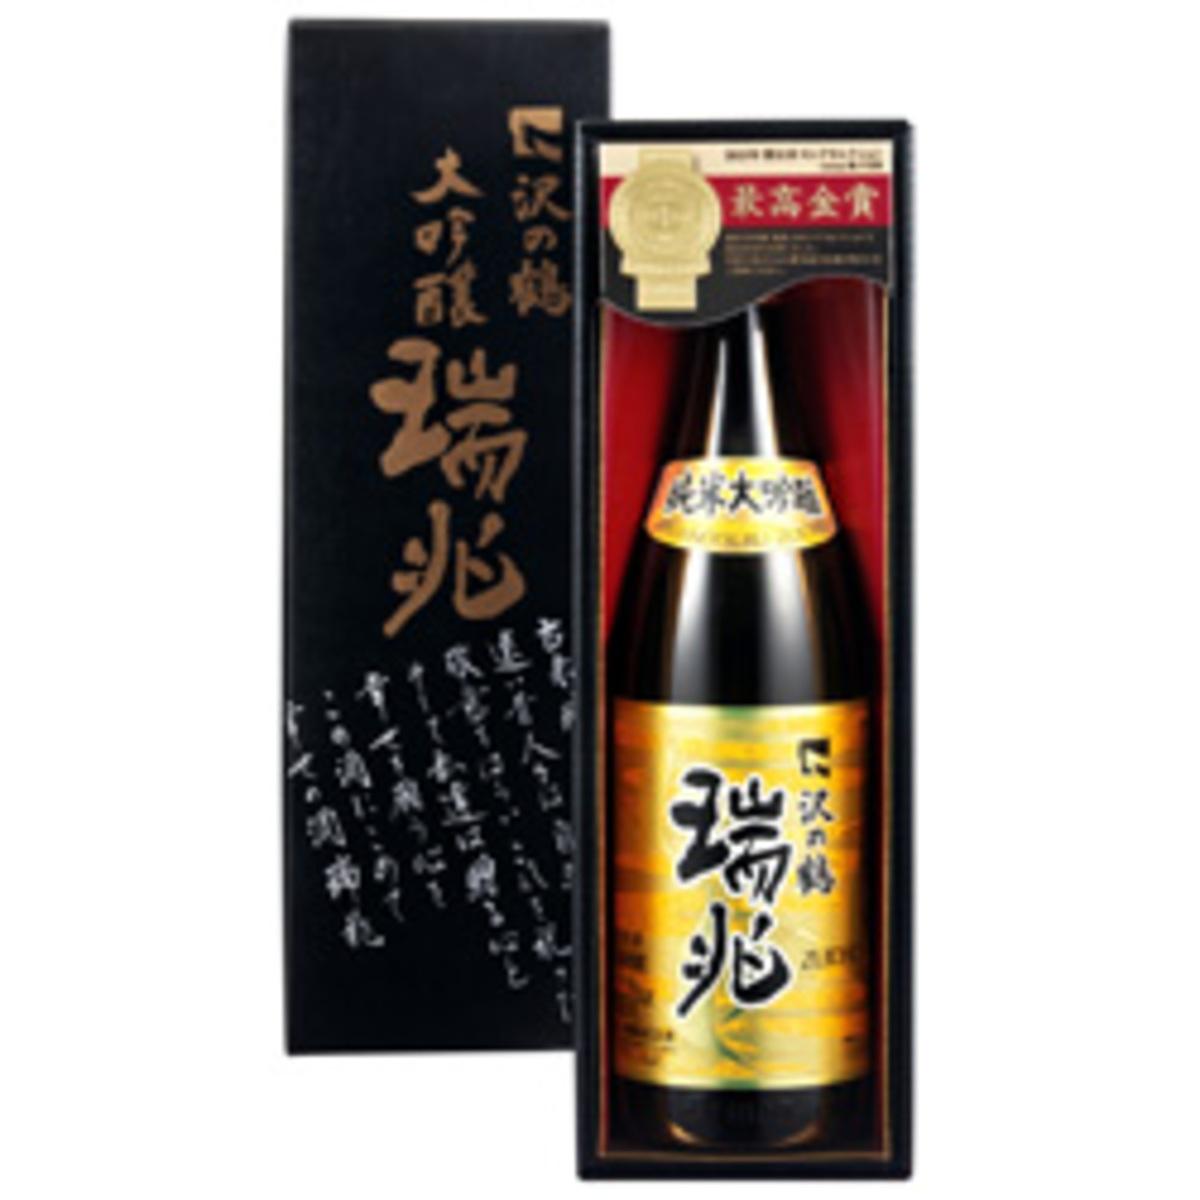 Japan Sake 720ml